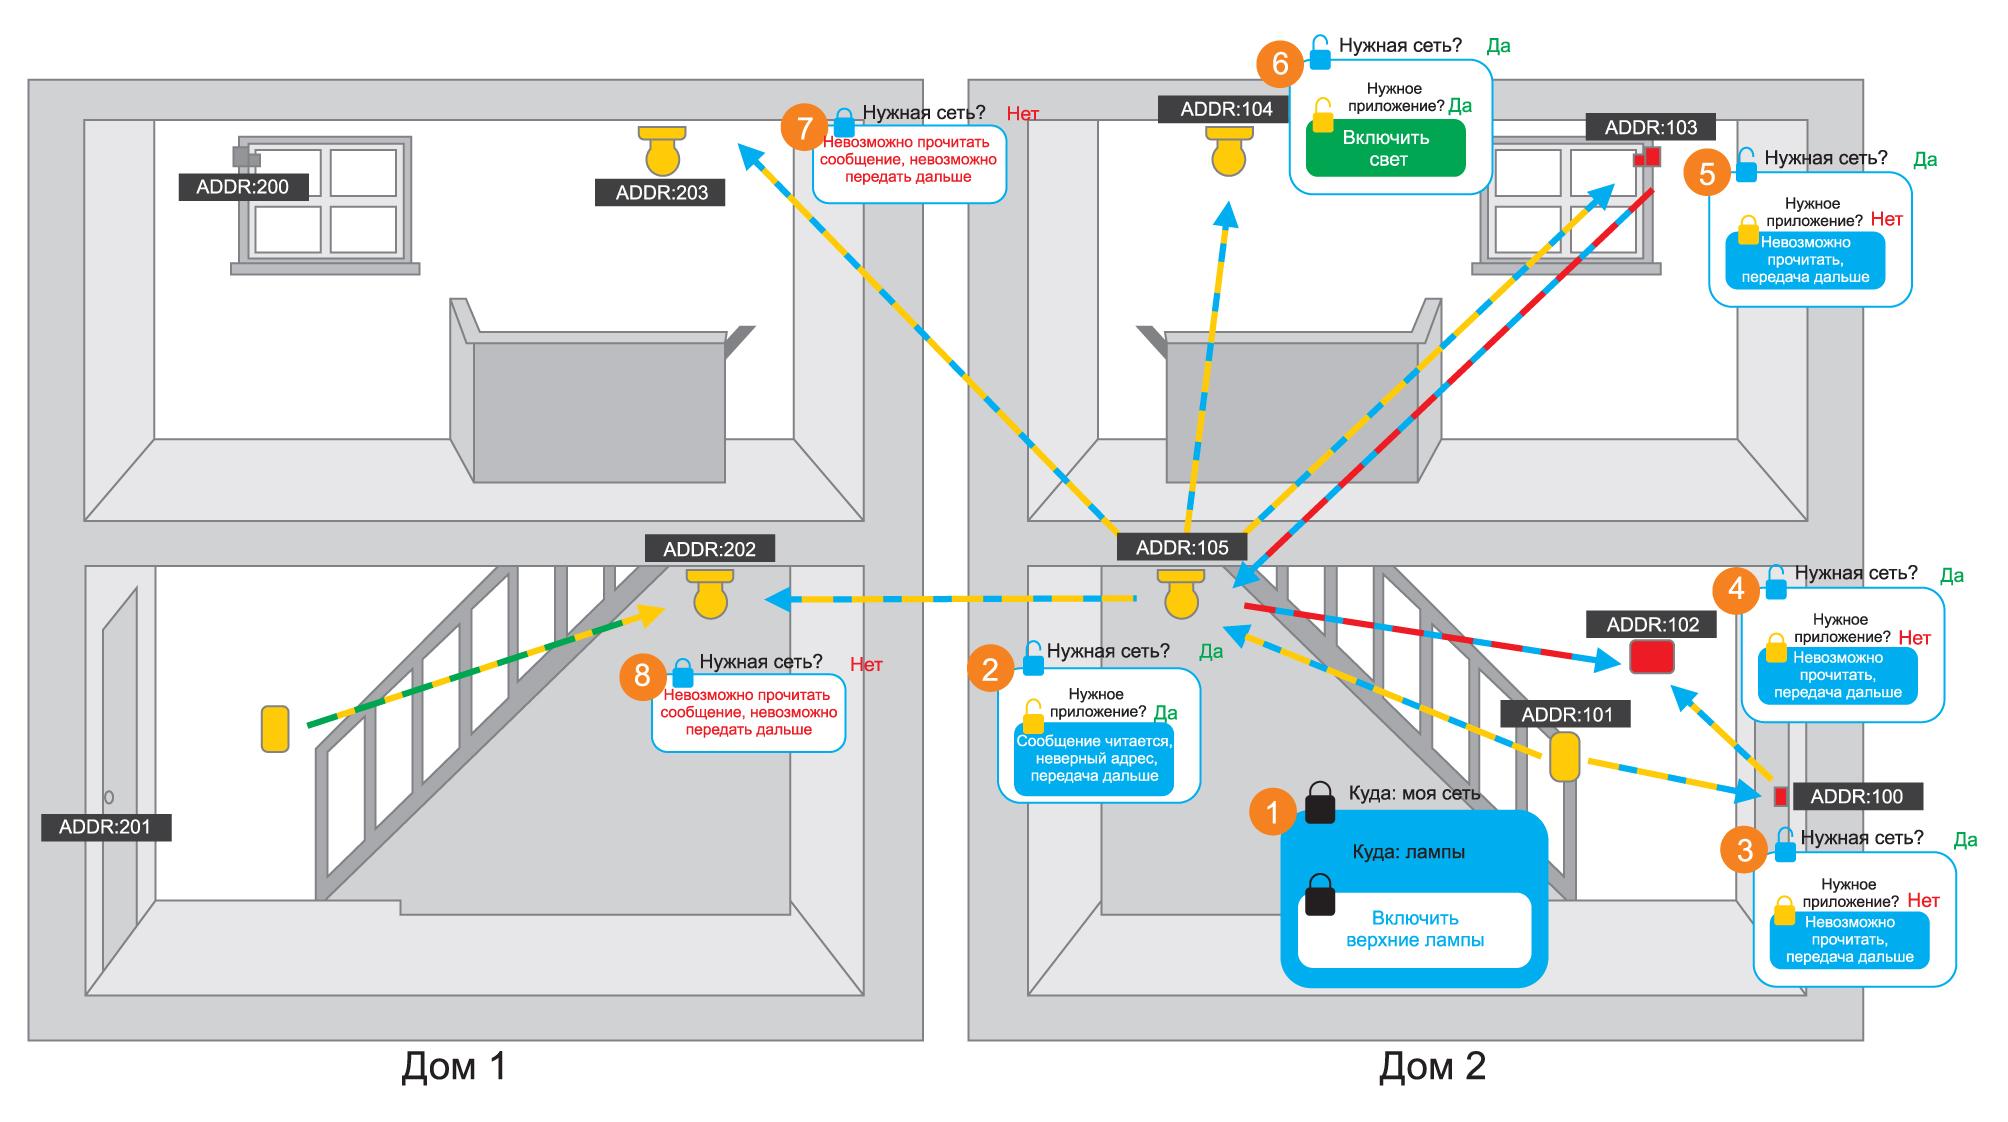 Пример работы сети BLE Mesh в присутствии соседних сетей